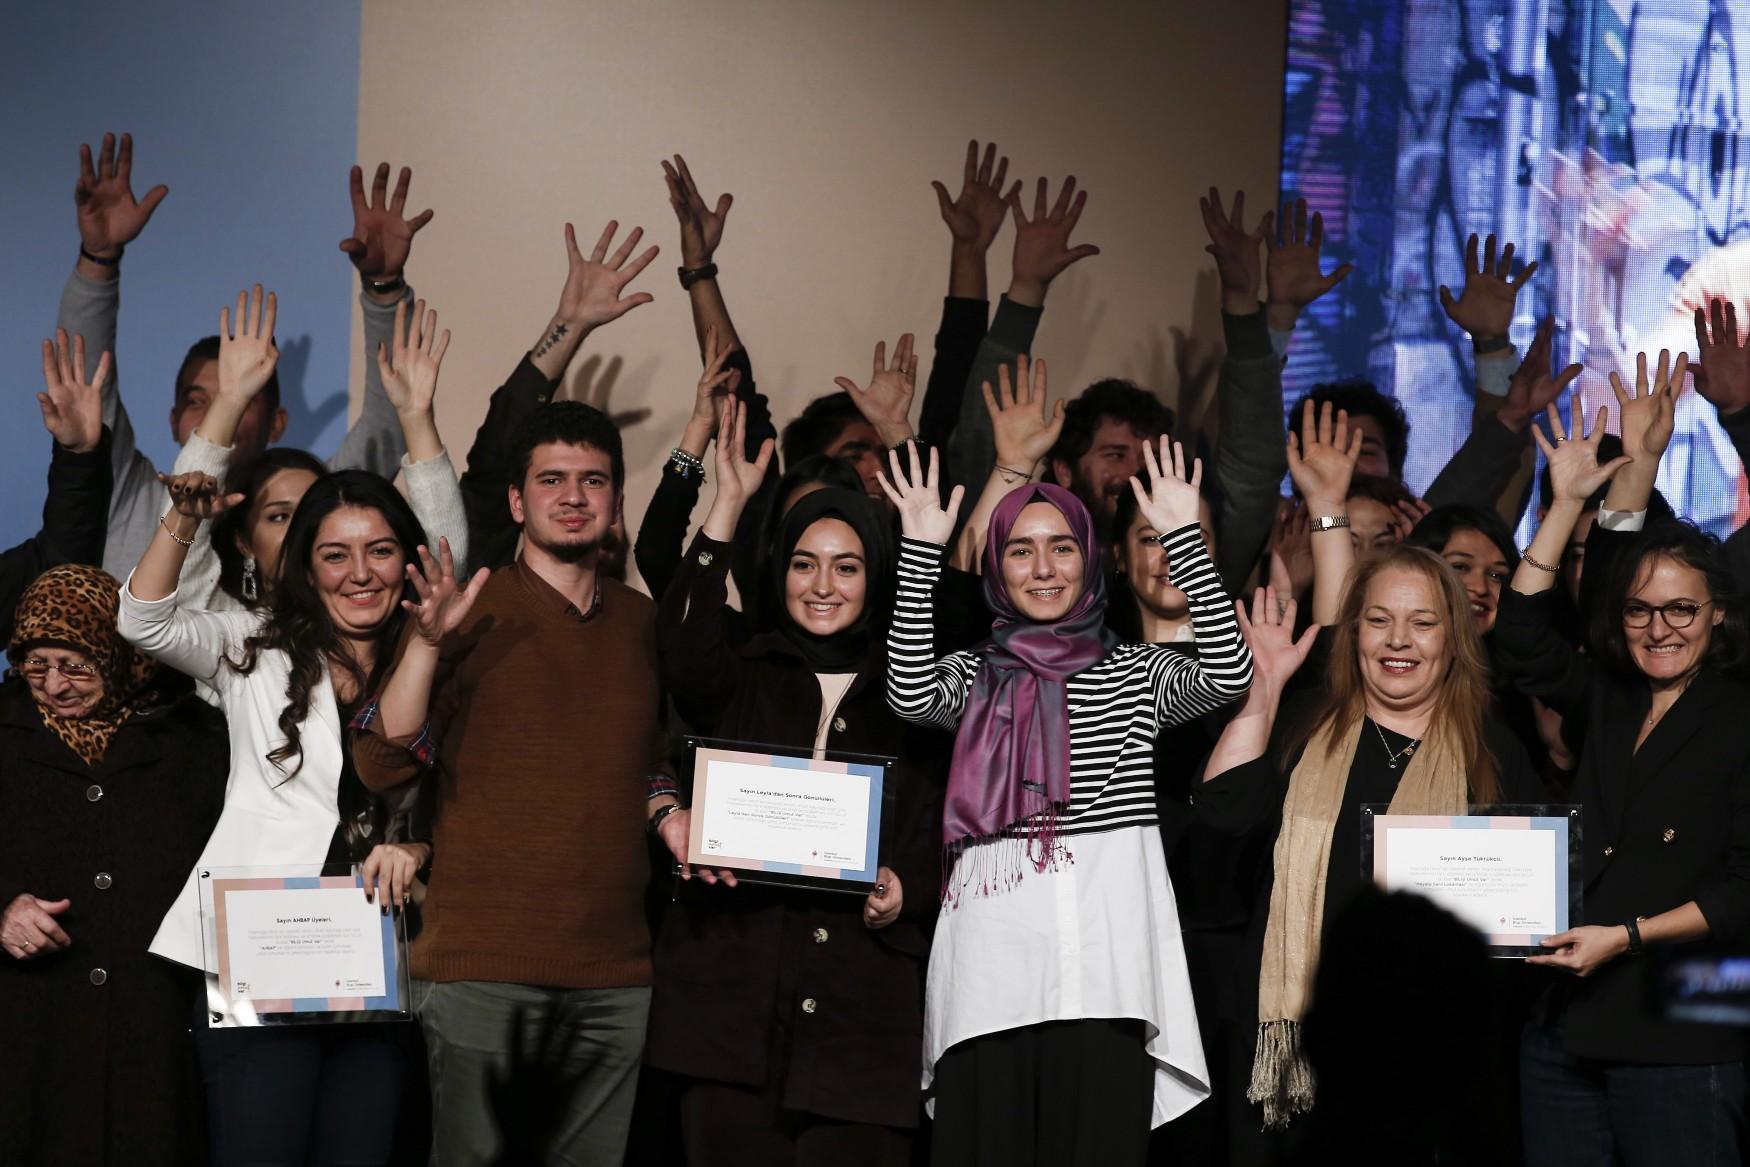 İstanbul Bilgi Üniversitesi BİLGİ Umut Var'ı düzenlendi: İYİLİK VARSA UMUT VAR